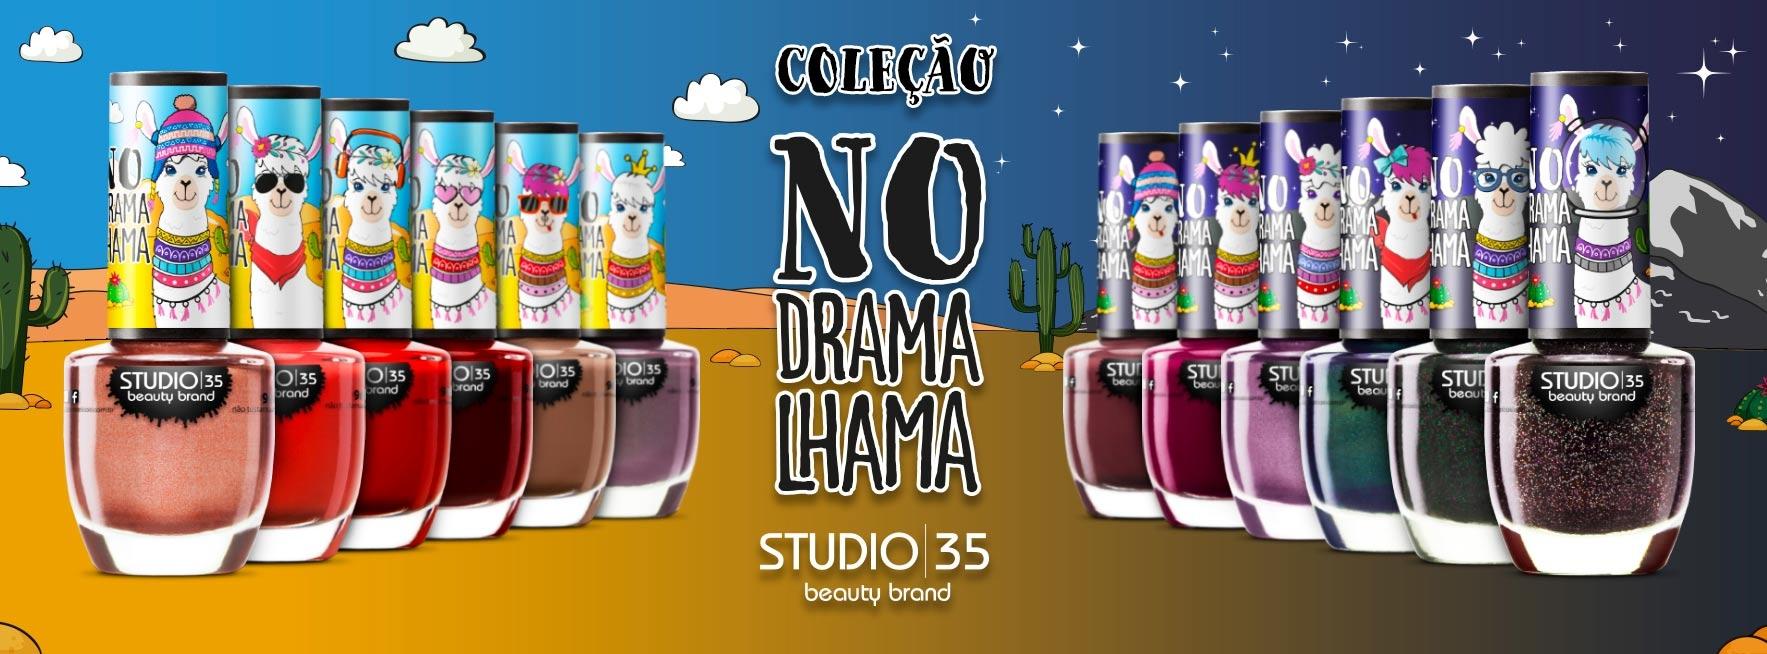 Esmaltes Coleção No Drama Lhama Studio 35